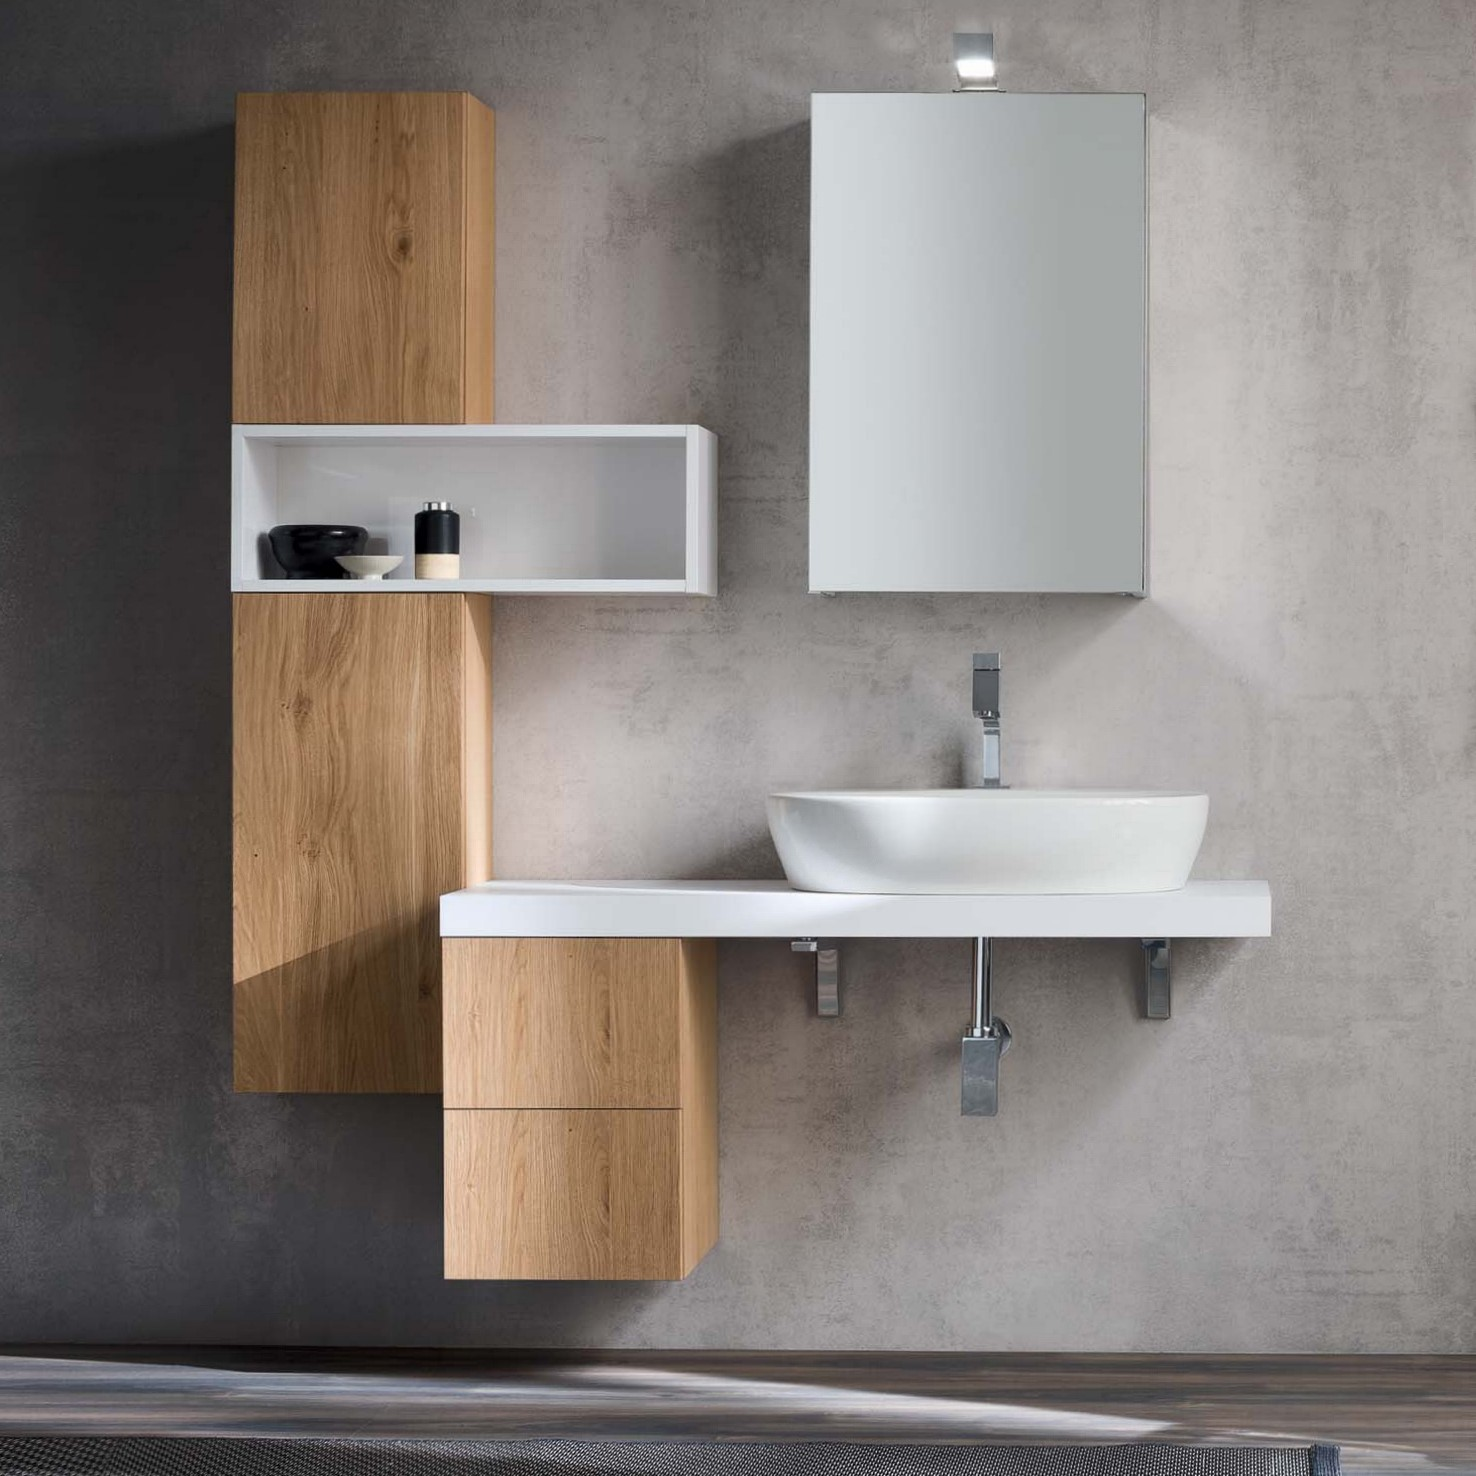 Idee mobile bagno moderno una mensola per il lavabo arredaclick - Mobili bagno moderni sospesi ...